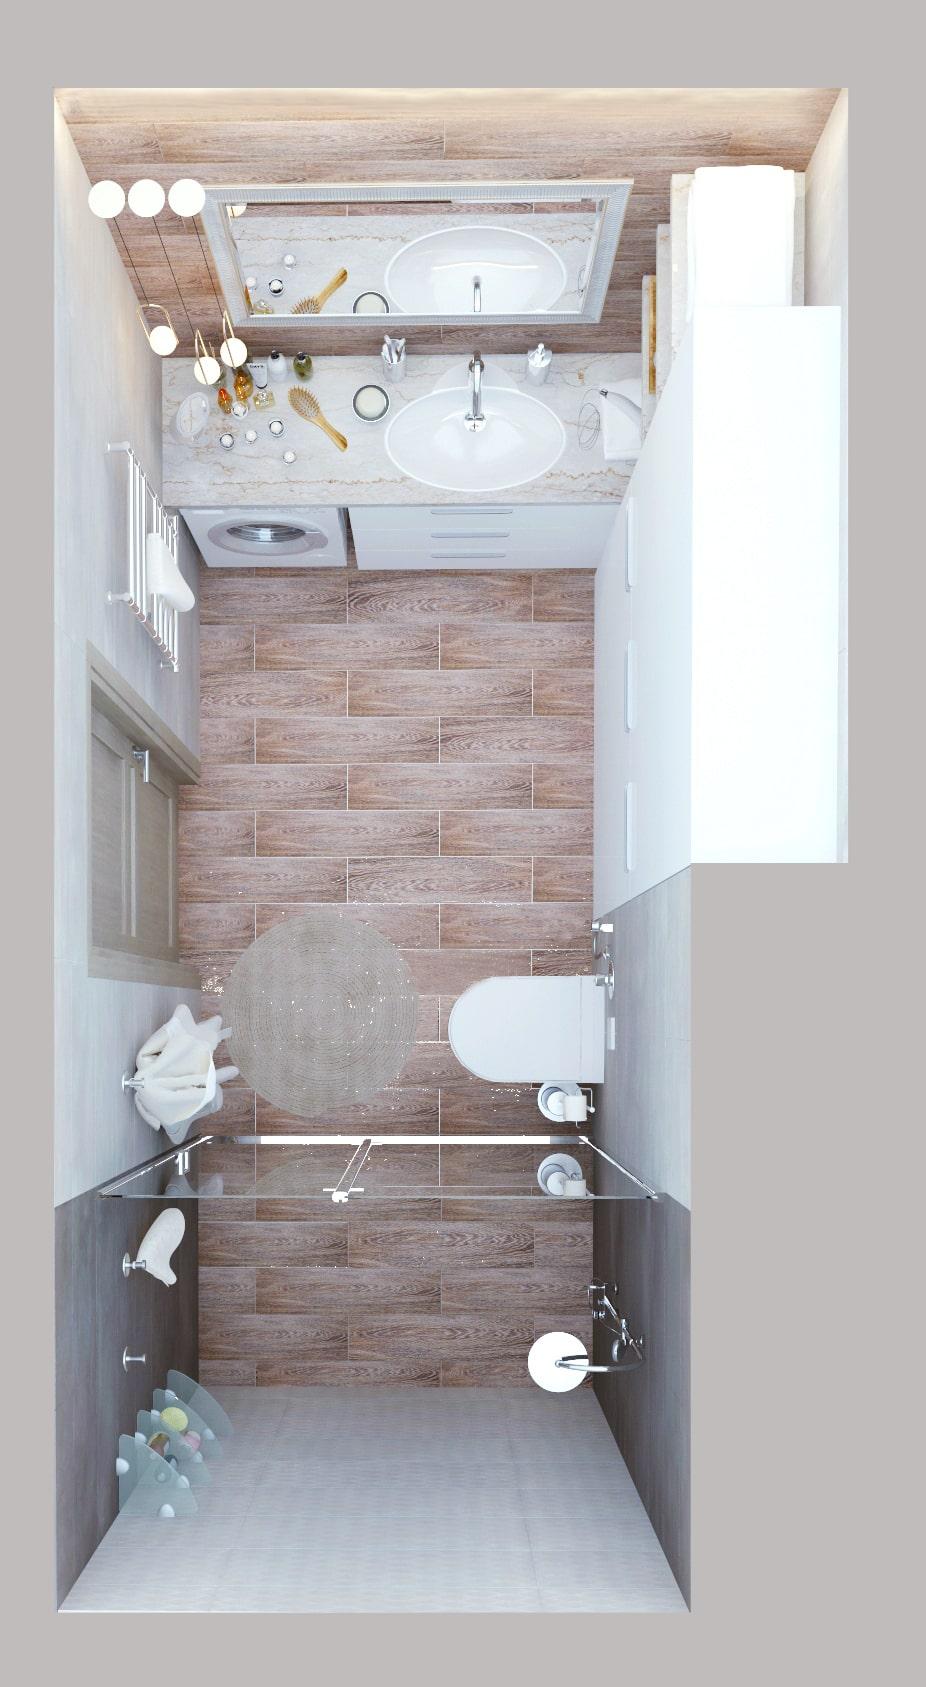 Визуализация ванной комнаты в белых тонах 8 кв.м, белый шкаф, зеркало, раковина, тумба, душевая кабина